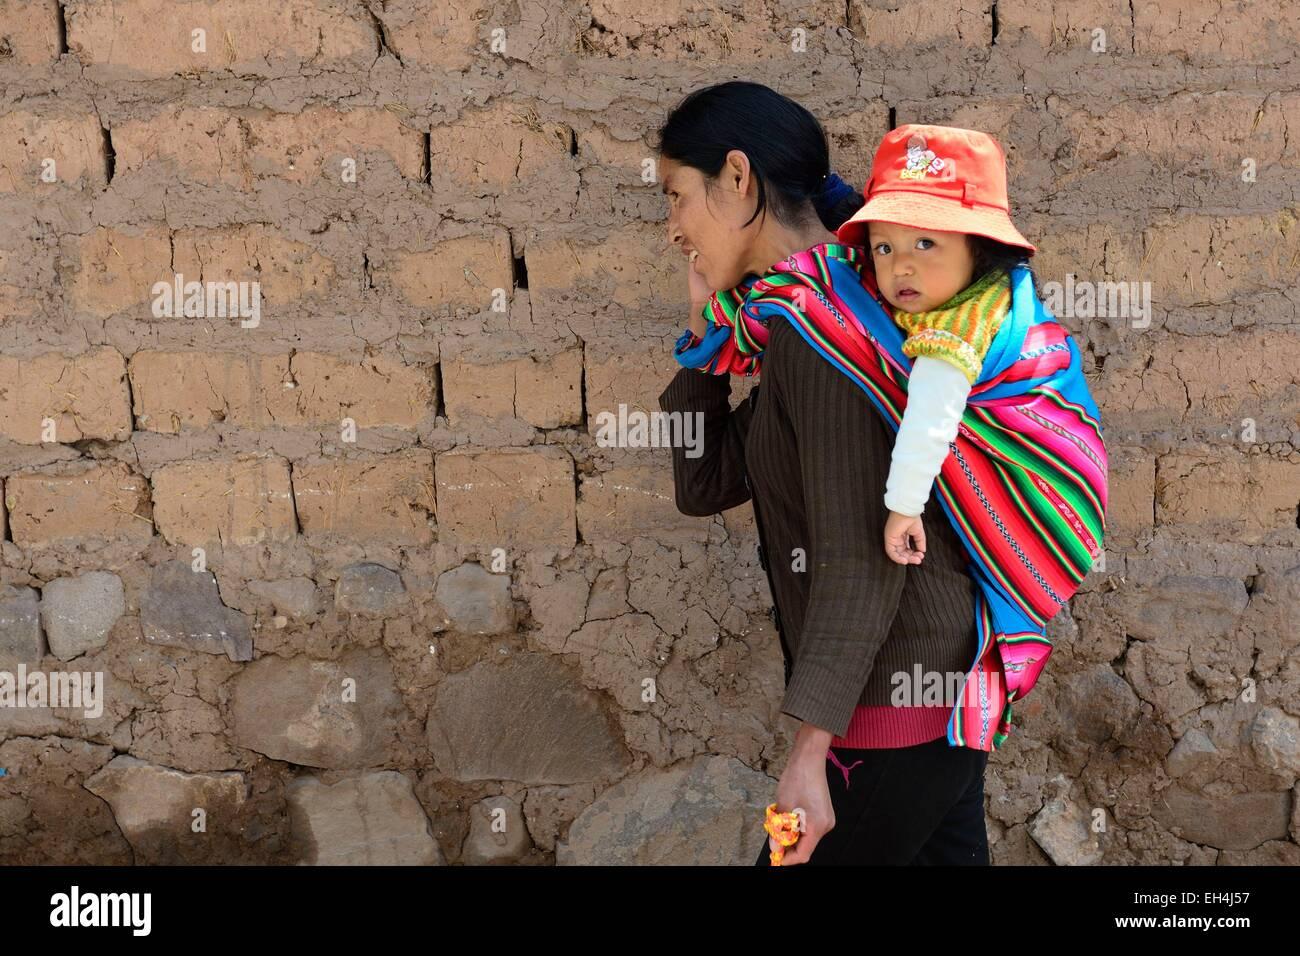 Le Pérou, Cuzco Cuzco, province, inscrite au Patrimoine Mondial de l'UNESCO, péruvienne et sa fille Photo Stock